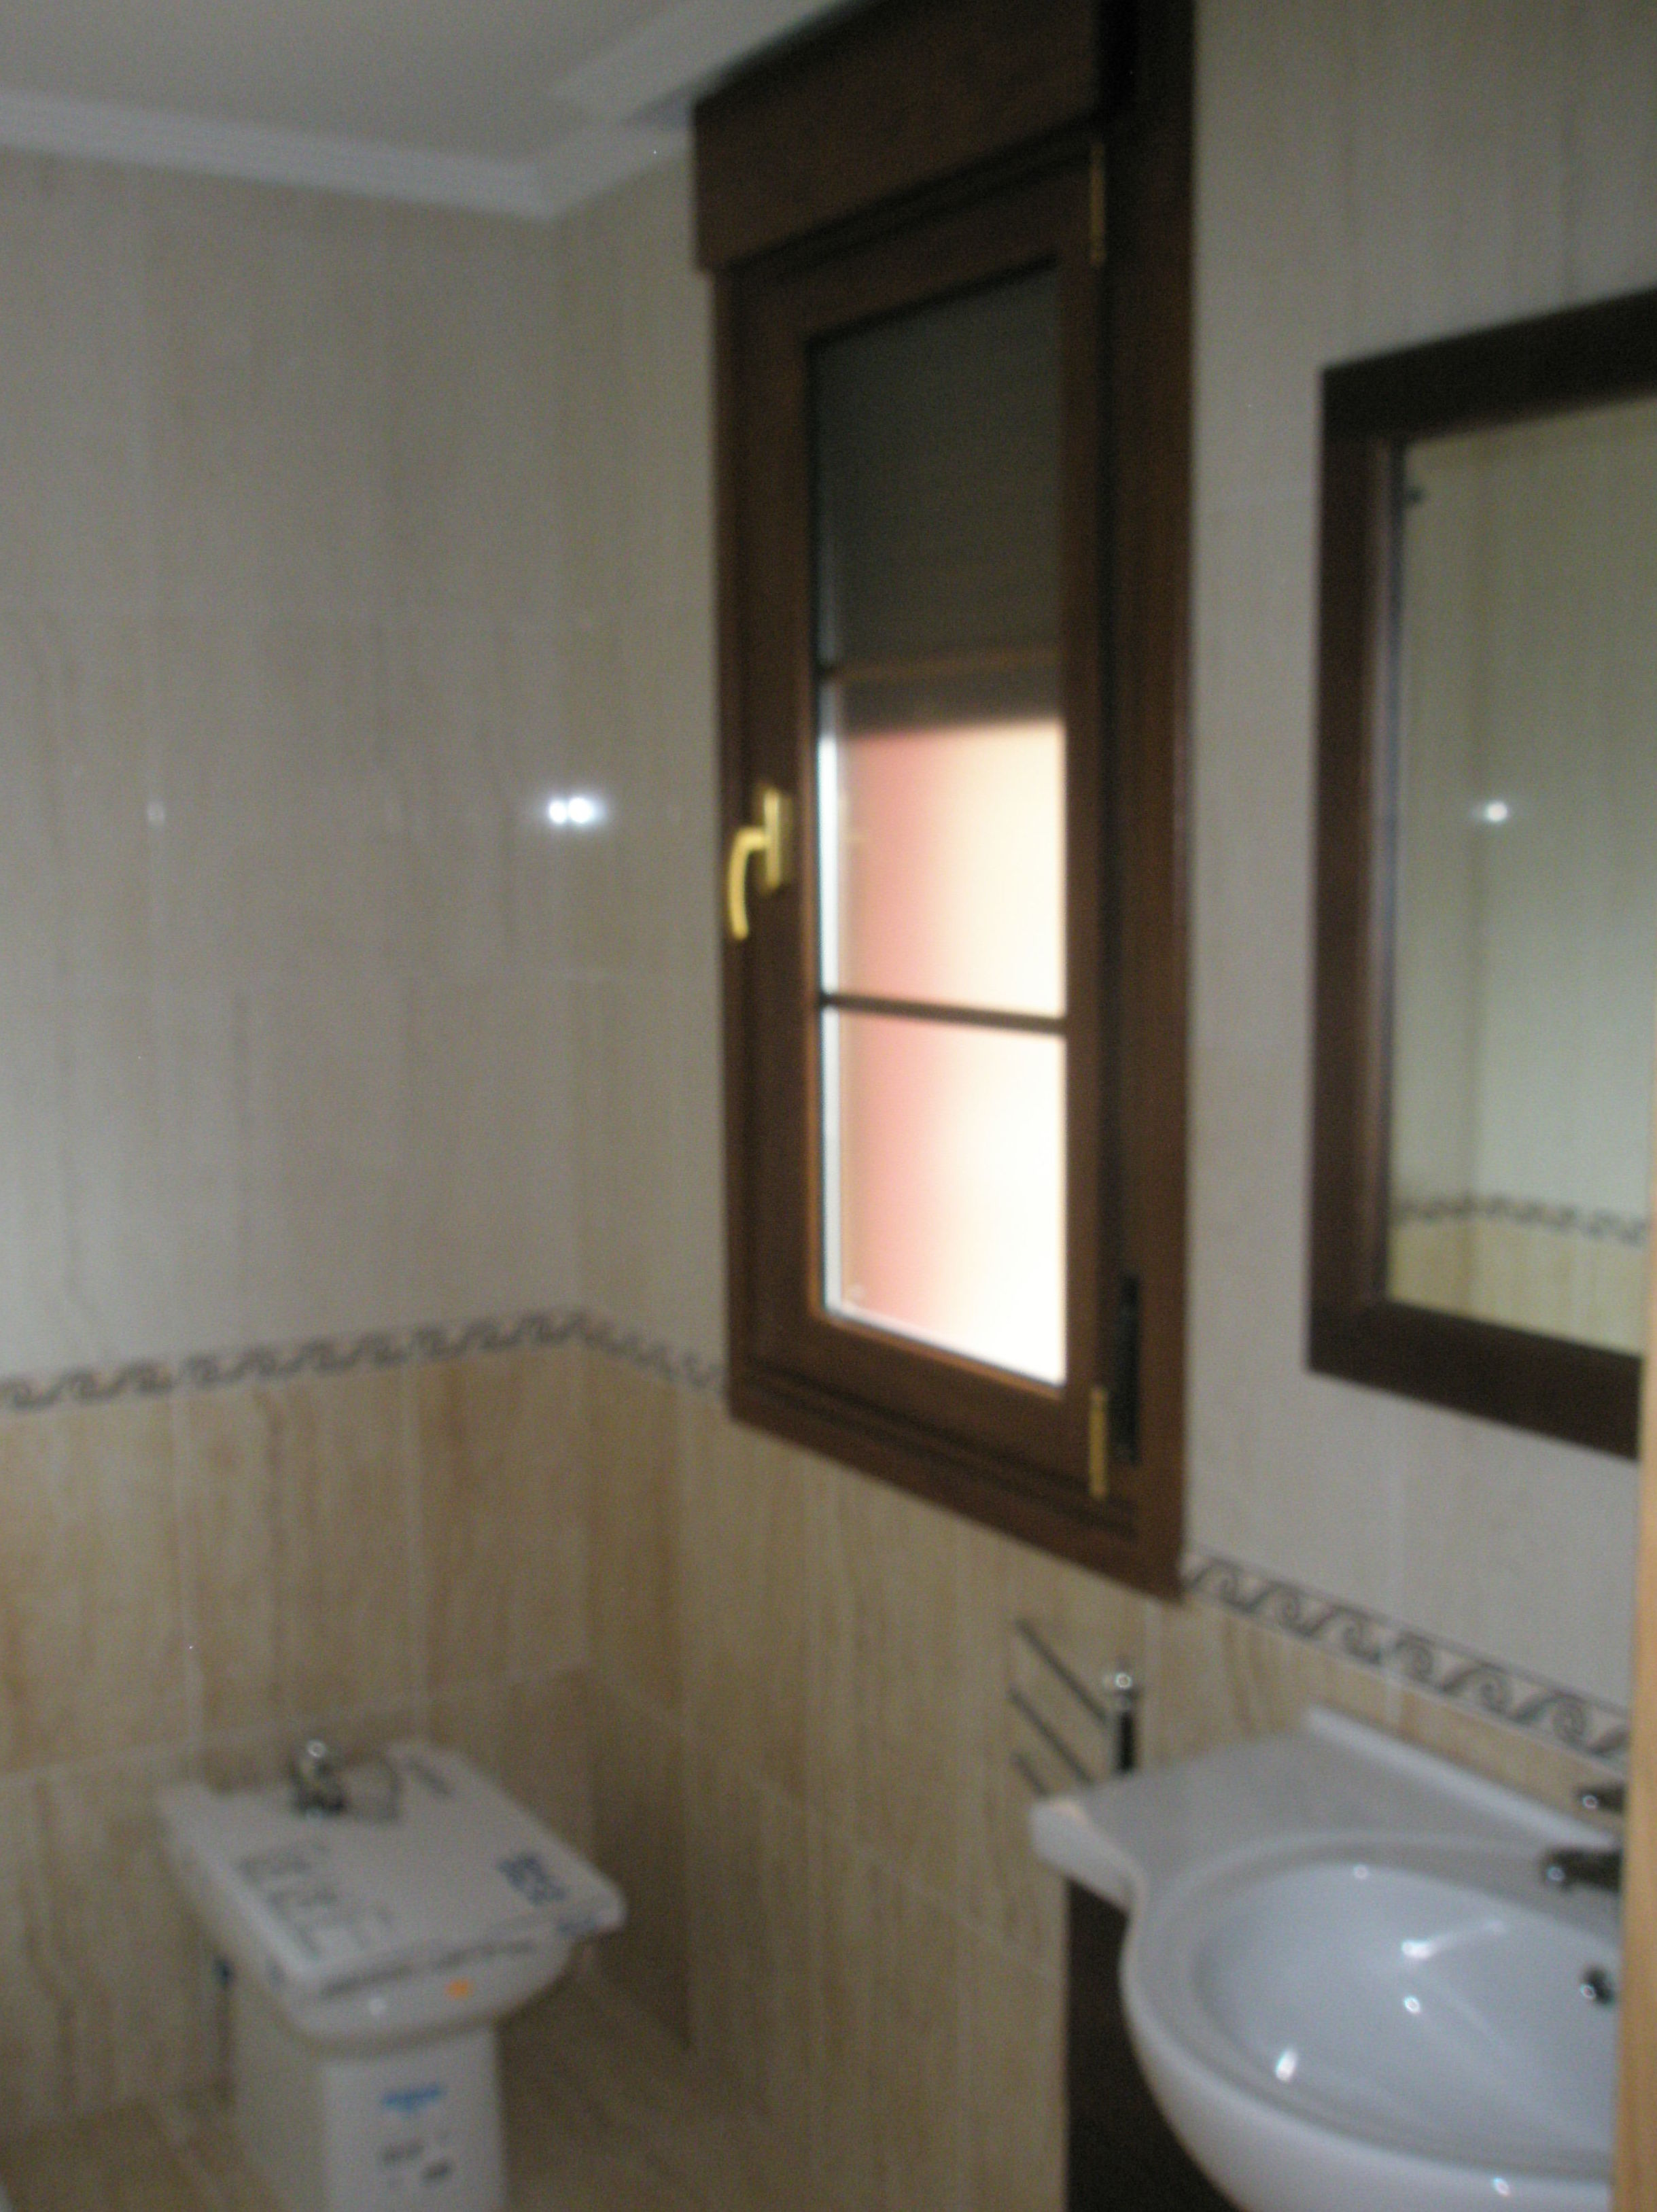 Foto 49 de Empresas de construcción en Oviedo | Consma Construcciones